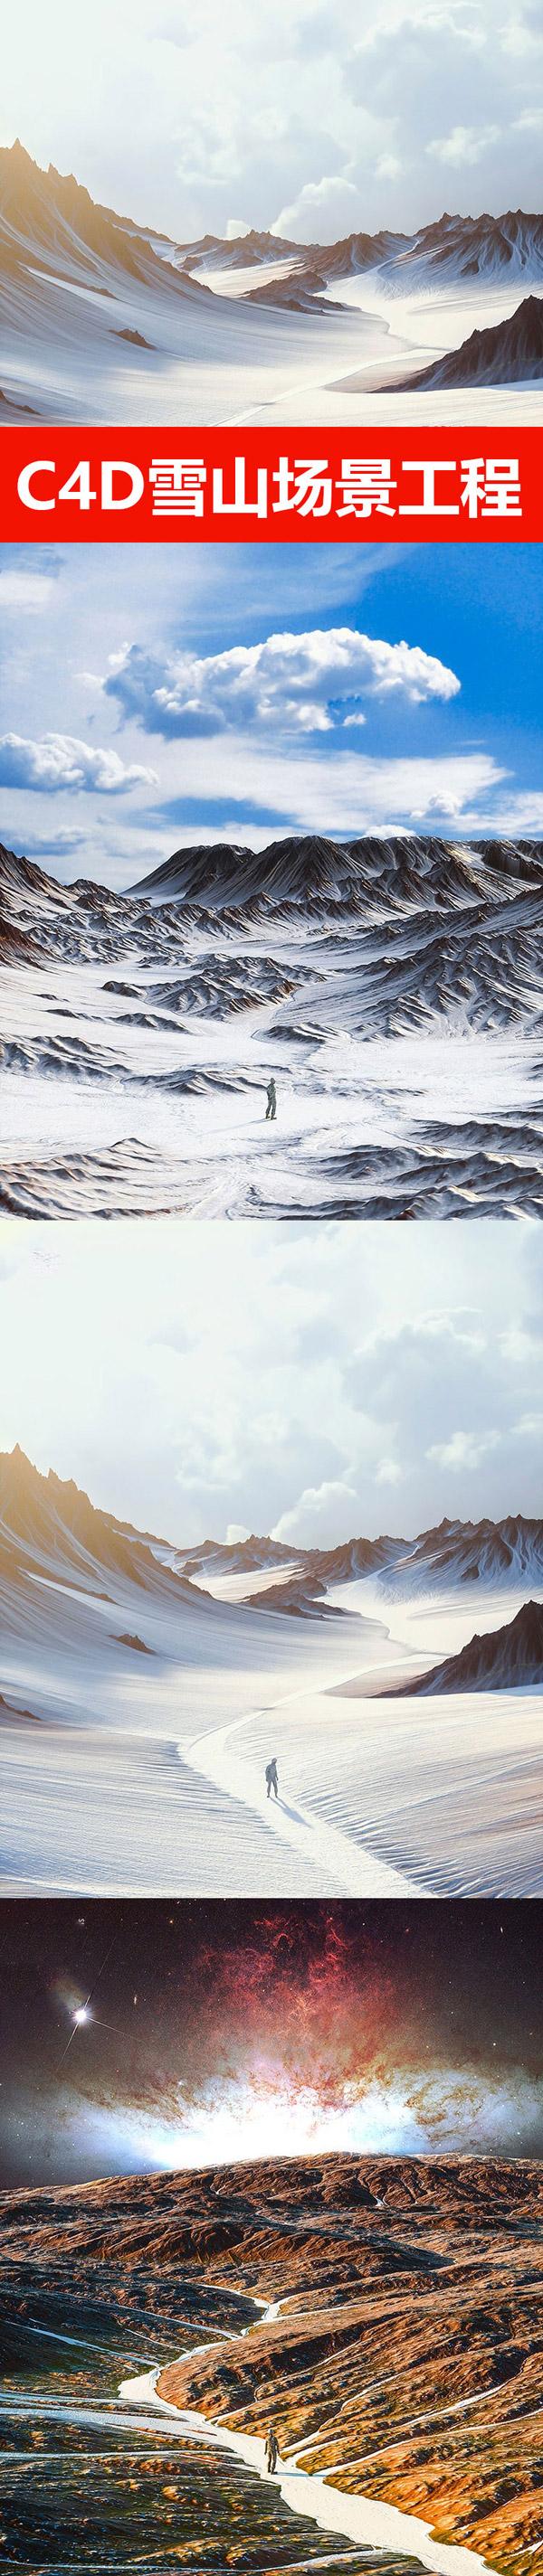 雪山大山C4D模型